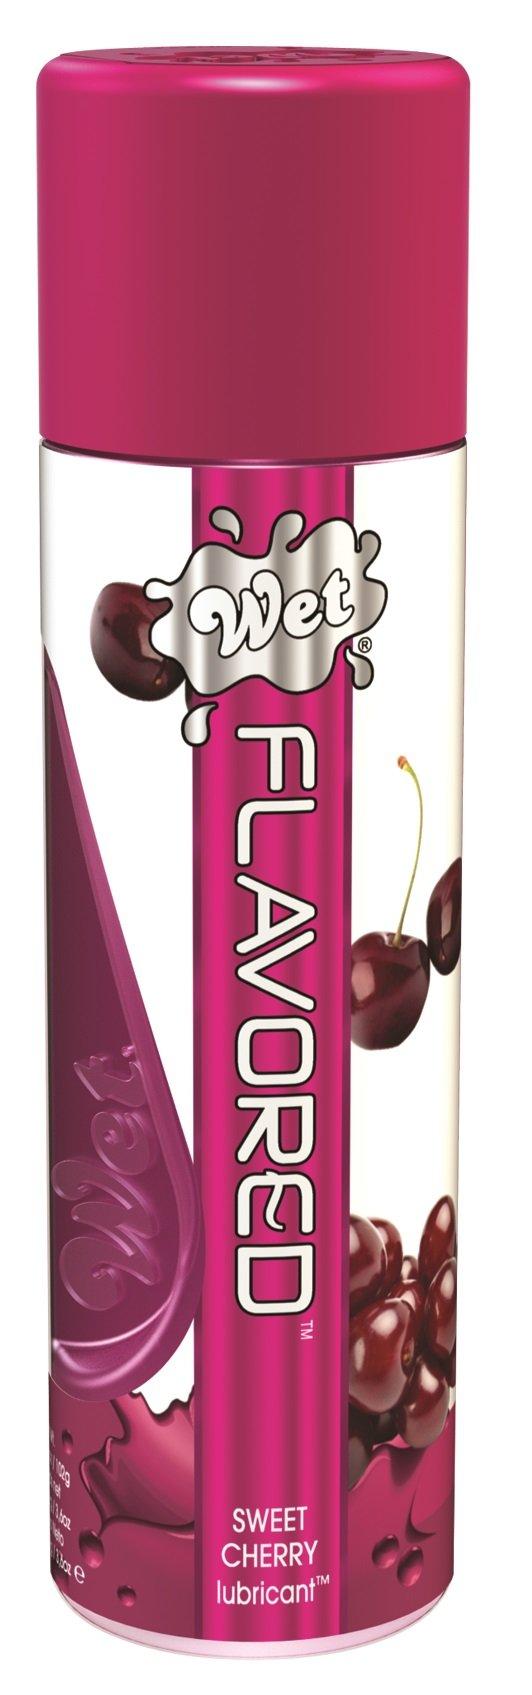 Wet Flavoured sweet cherry 3.6pz